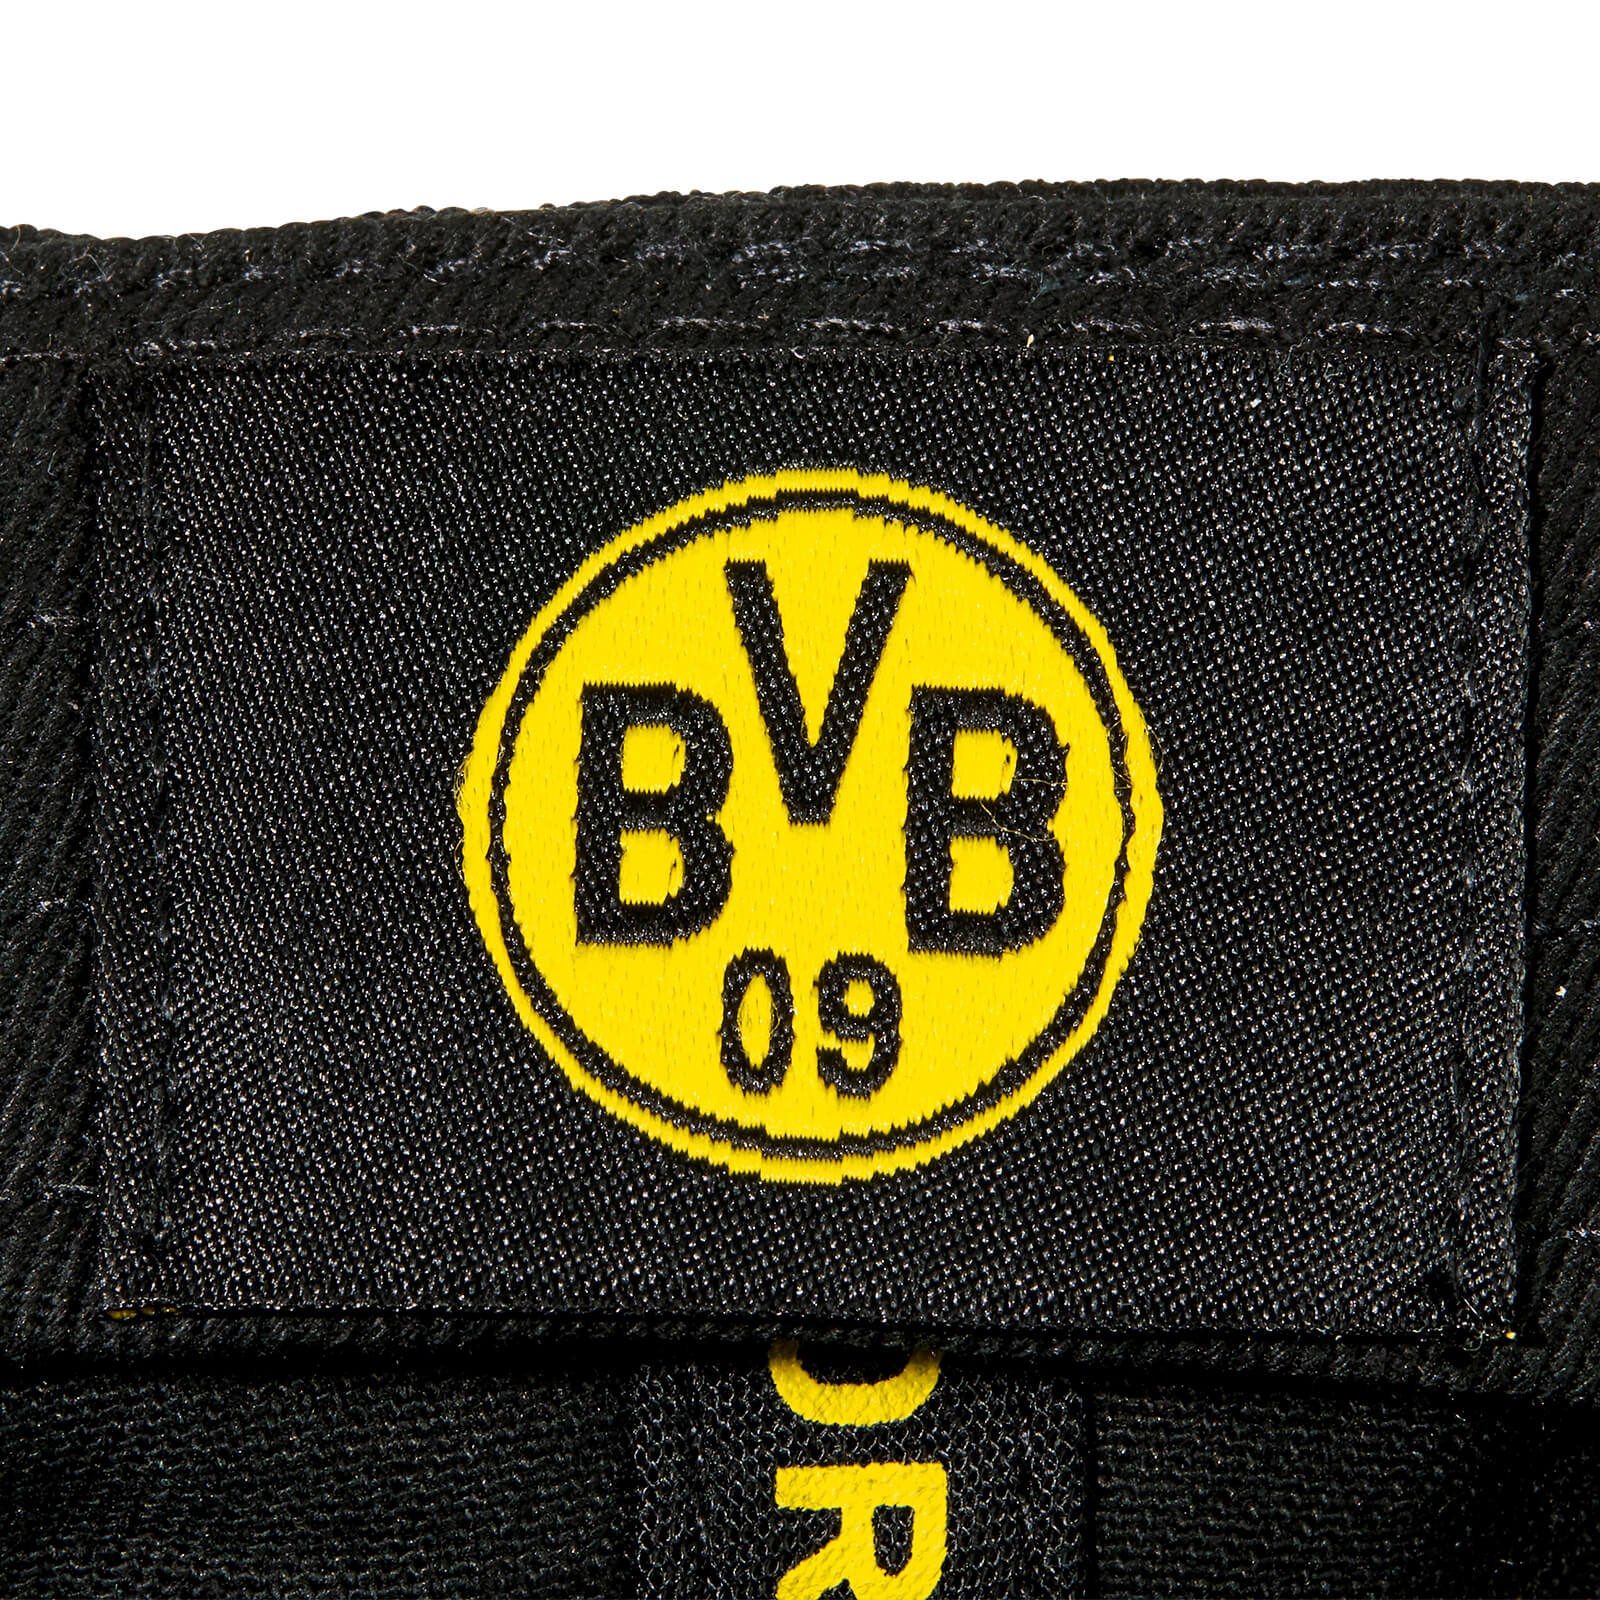 Borussia Dortmund BVB 09 1909 del Cappuccio per Bambini Sport e ...